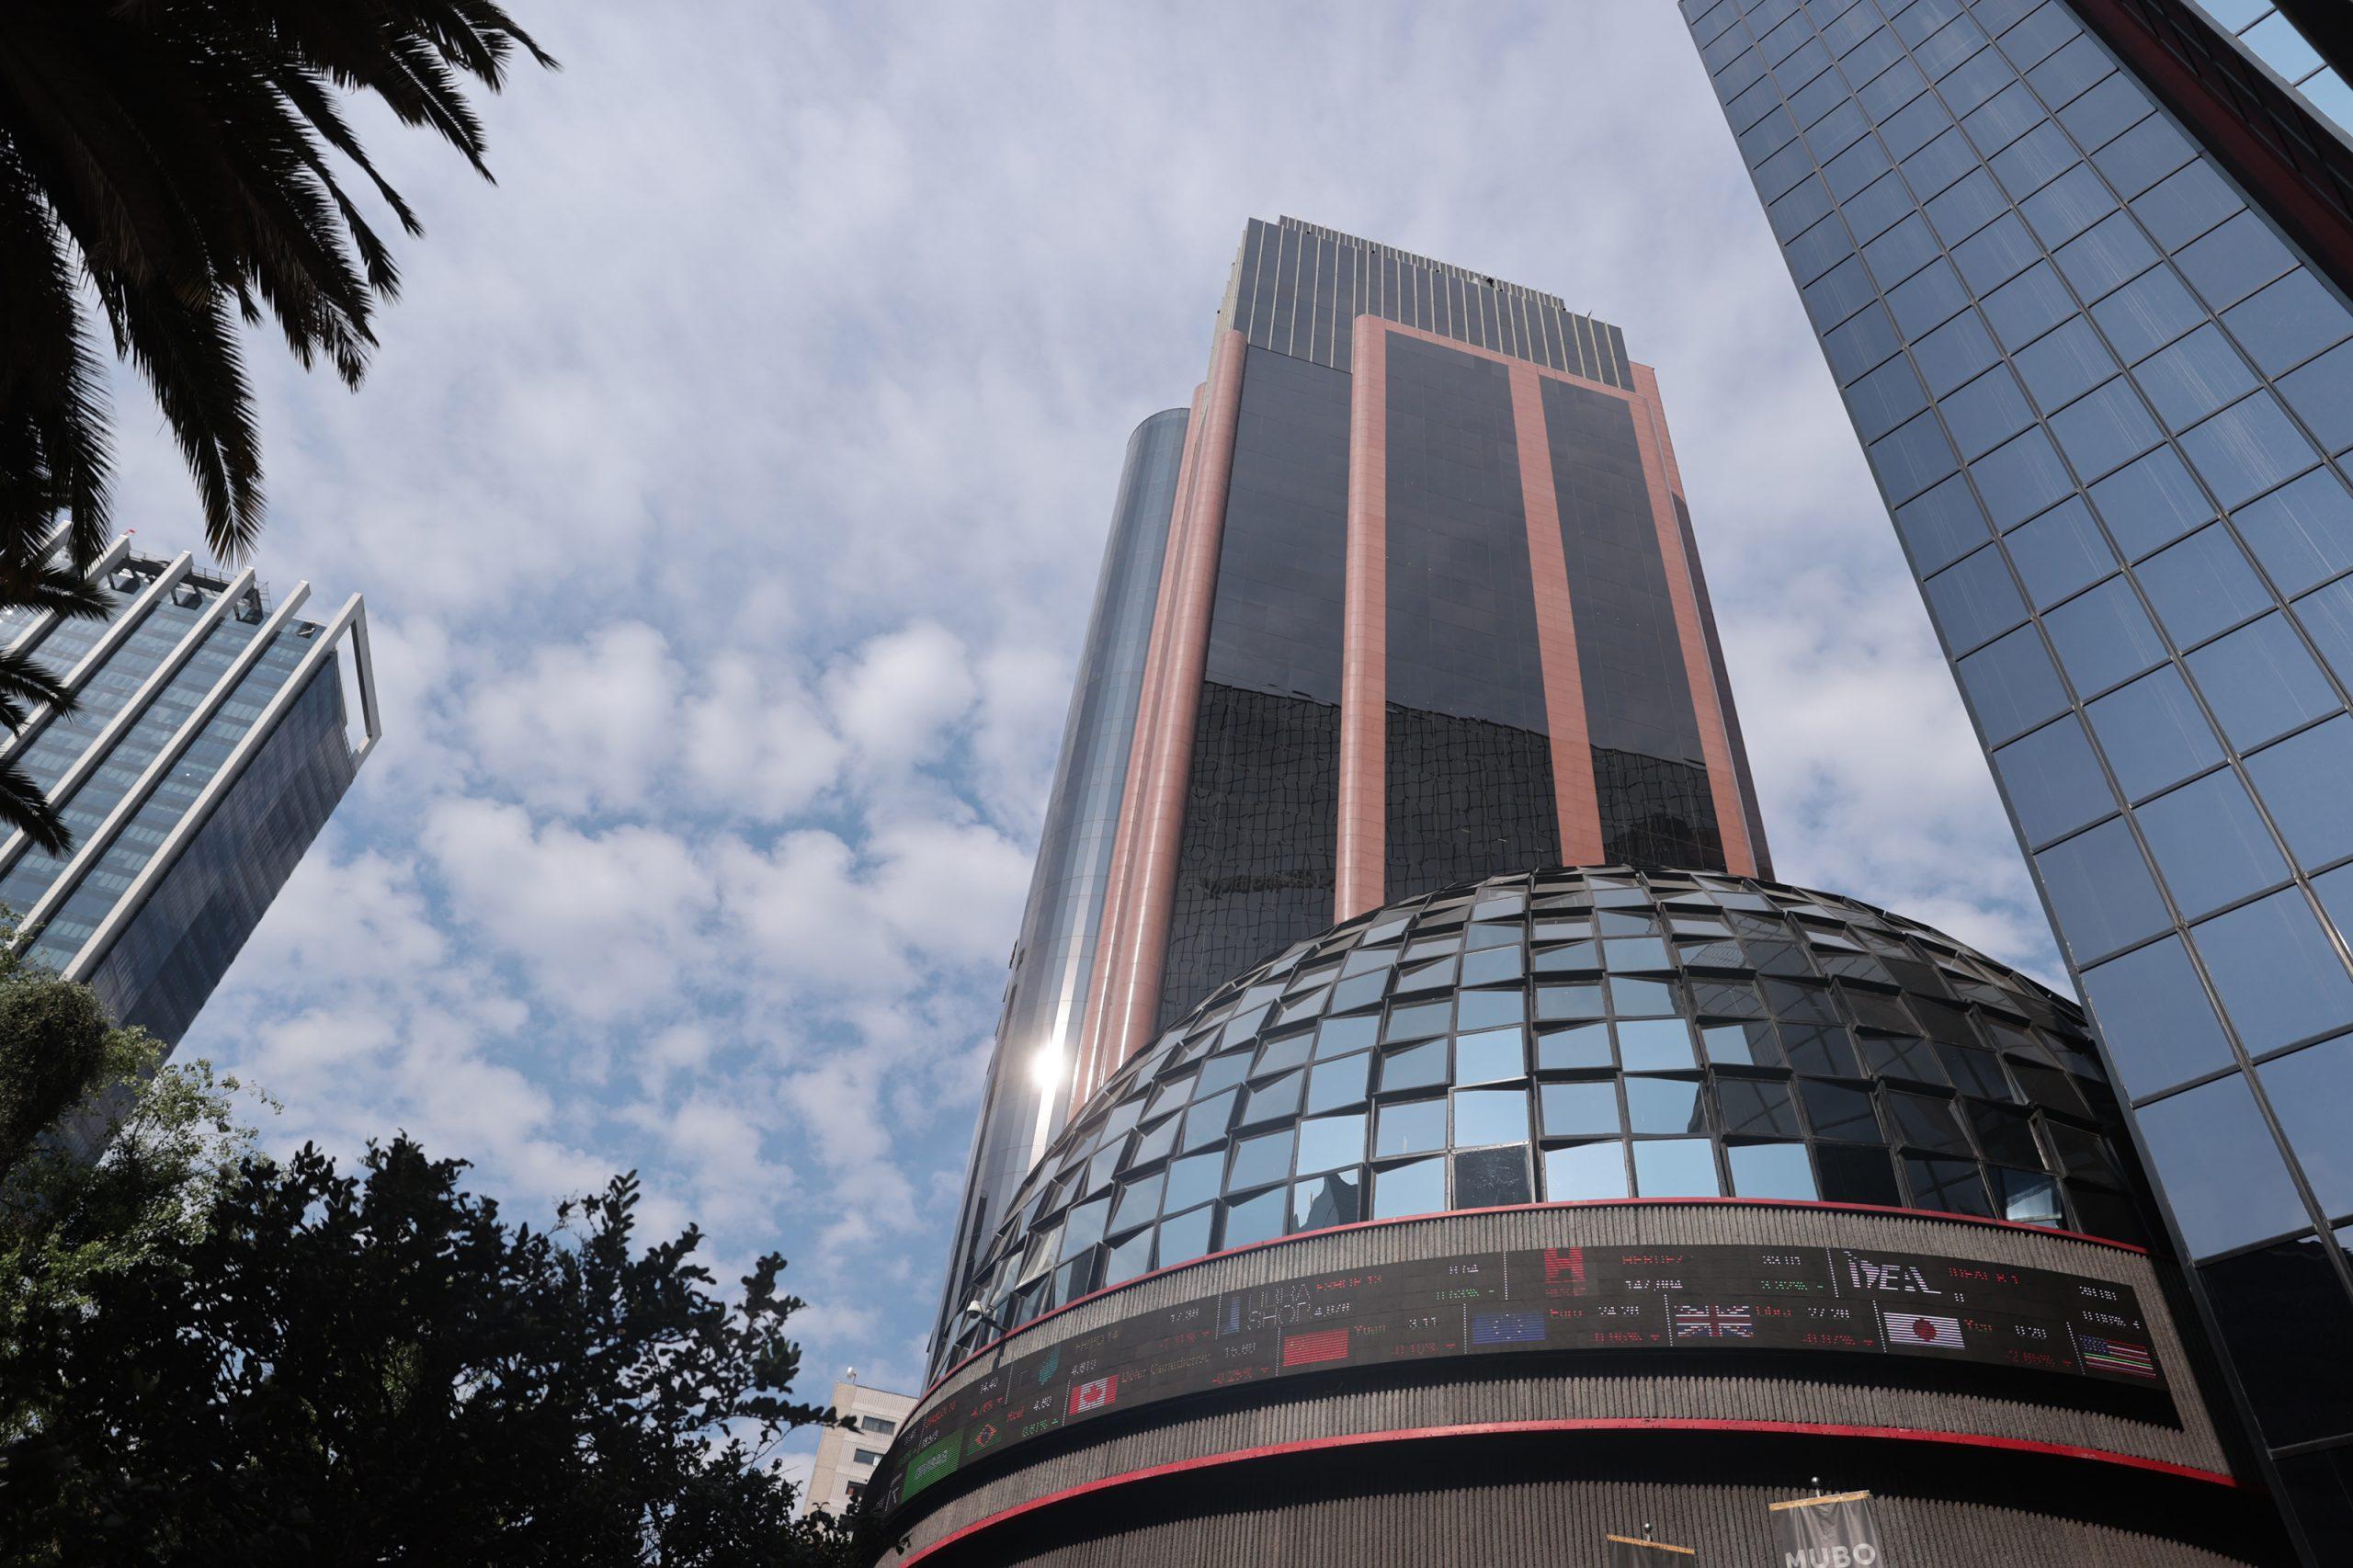 GBM grupo bursatil mexicano homebroker academy ebooks BMV bolsa mexicana de valores